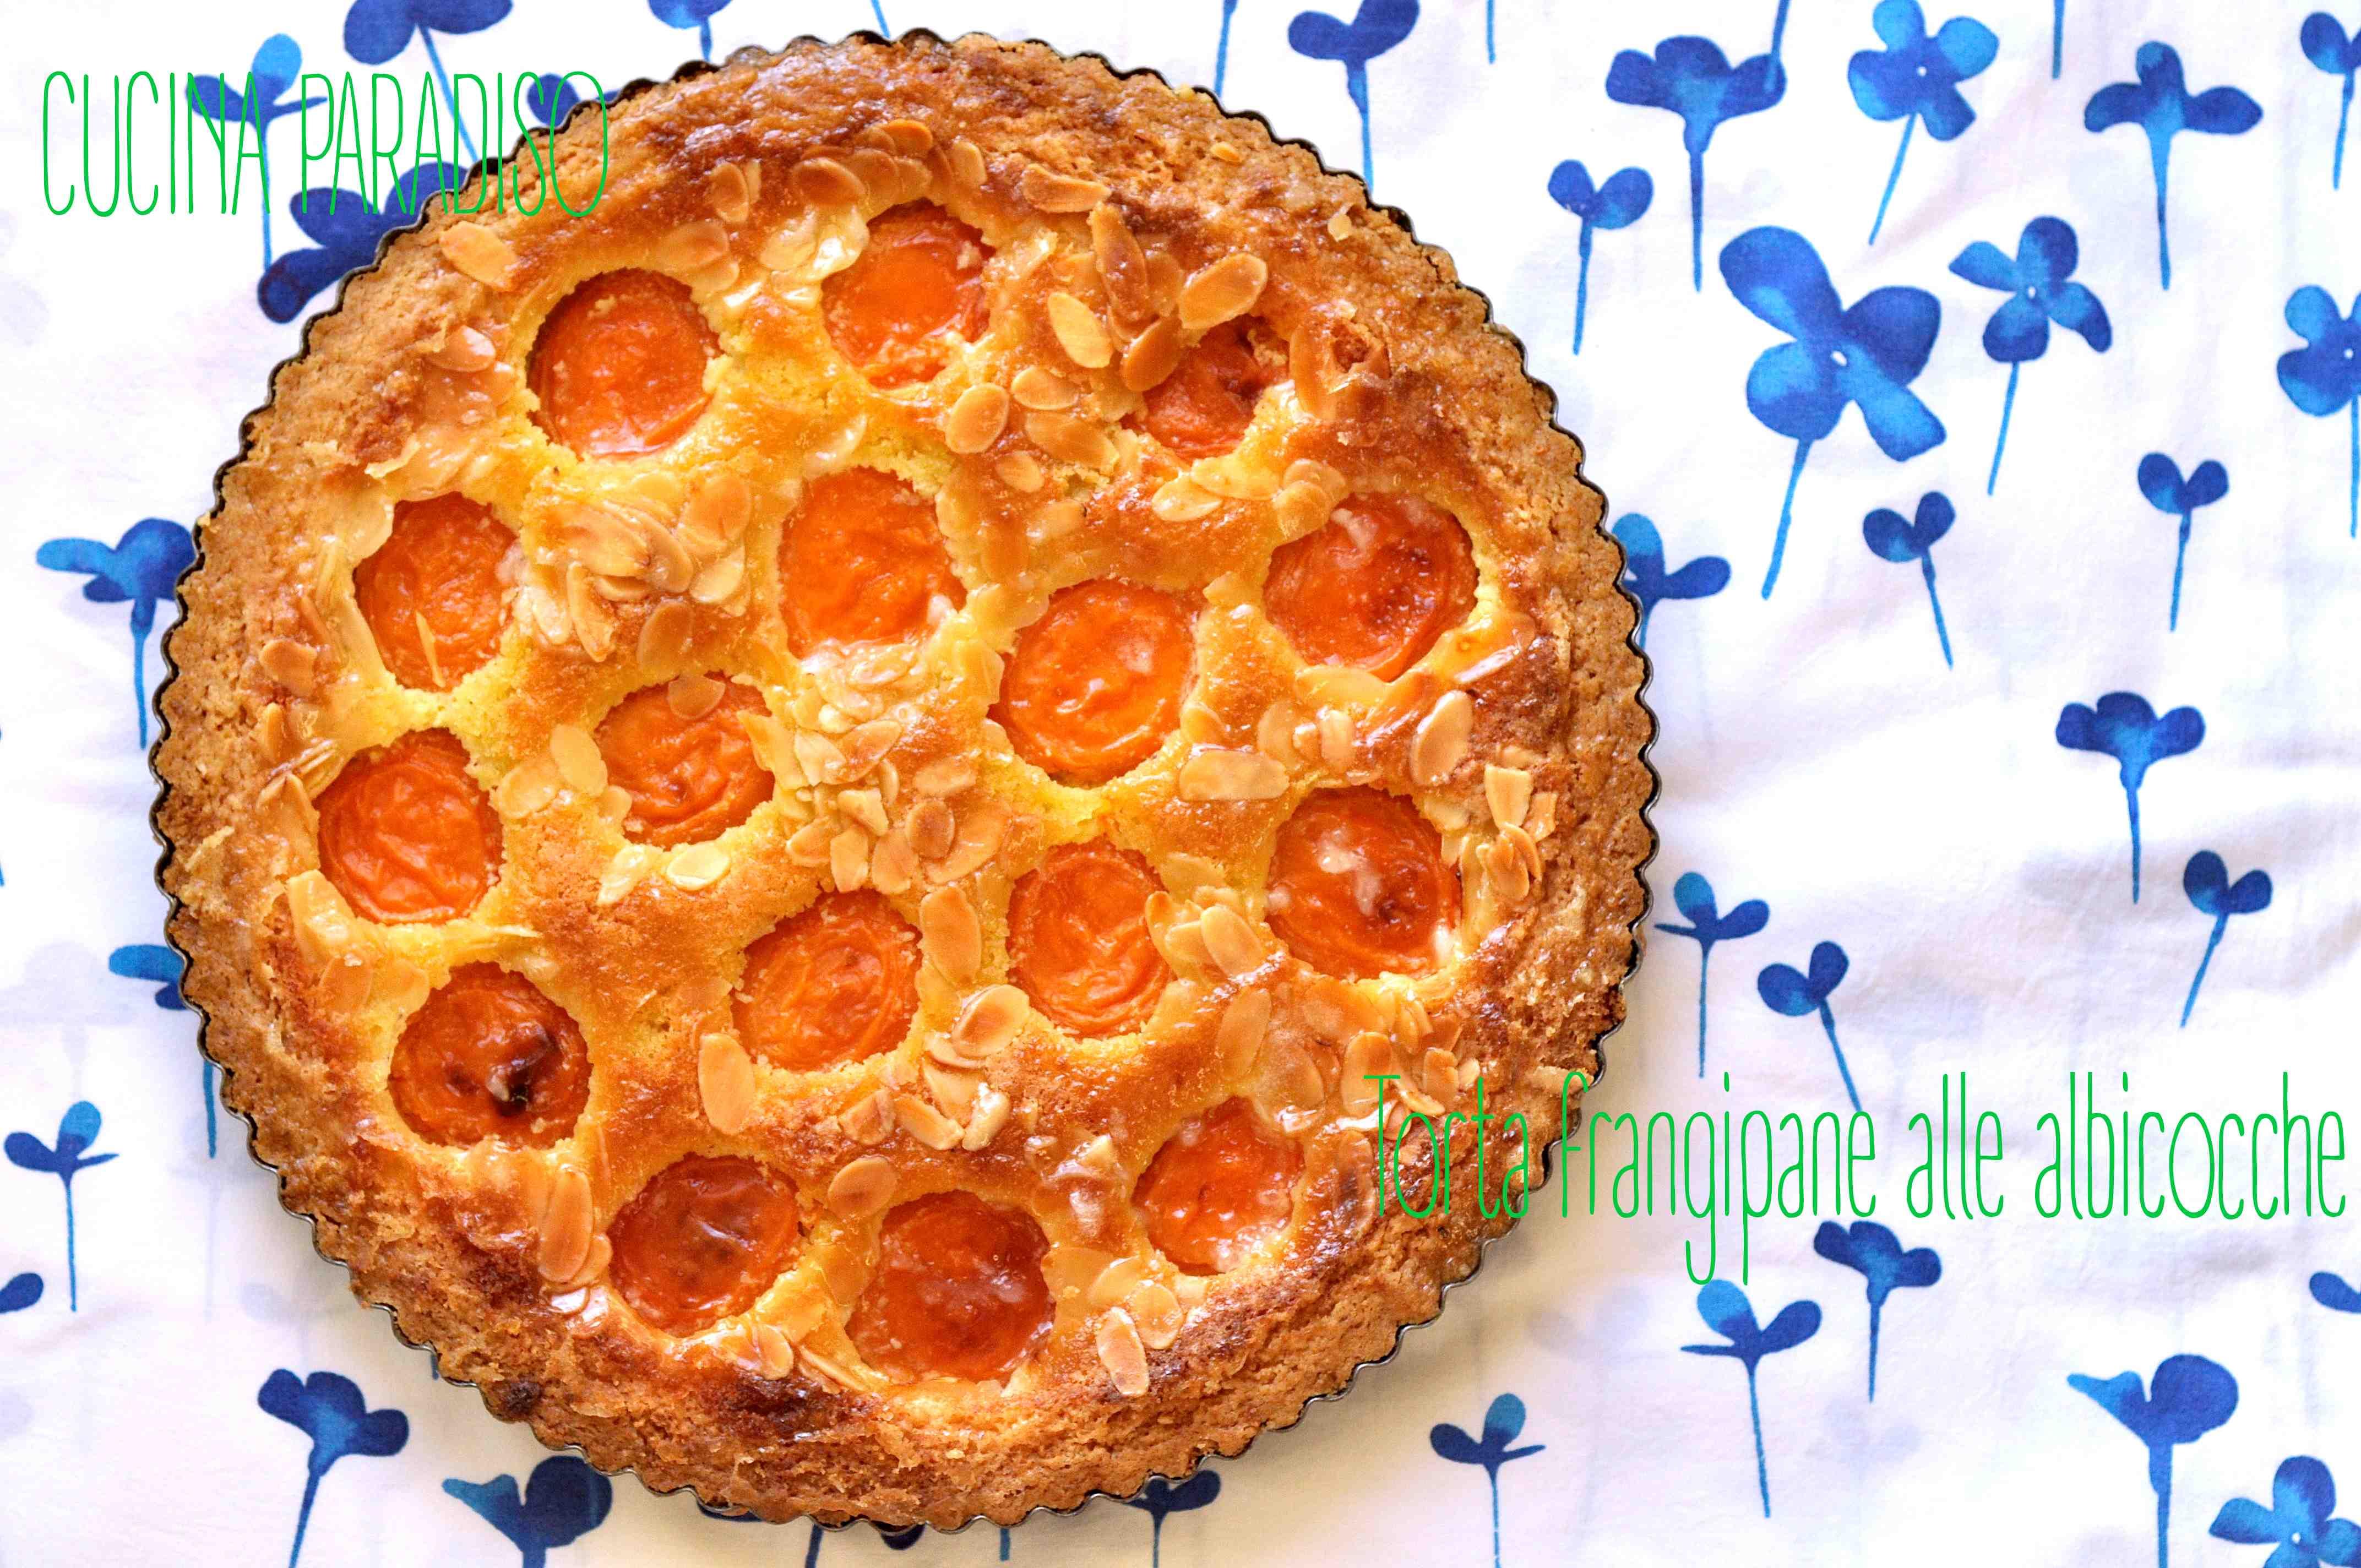 Torta frangipane alle albicocche